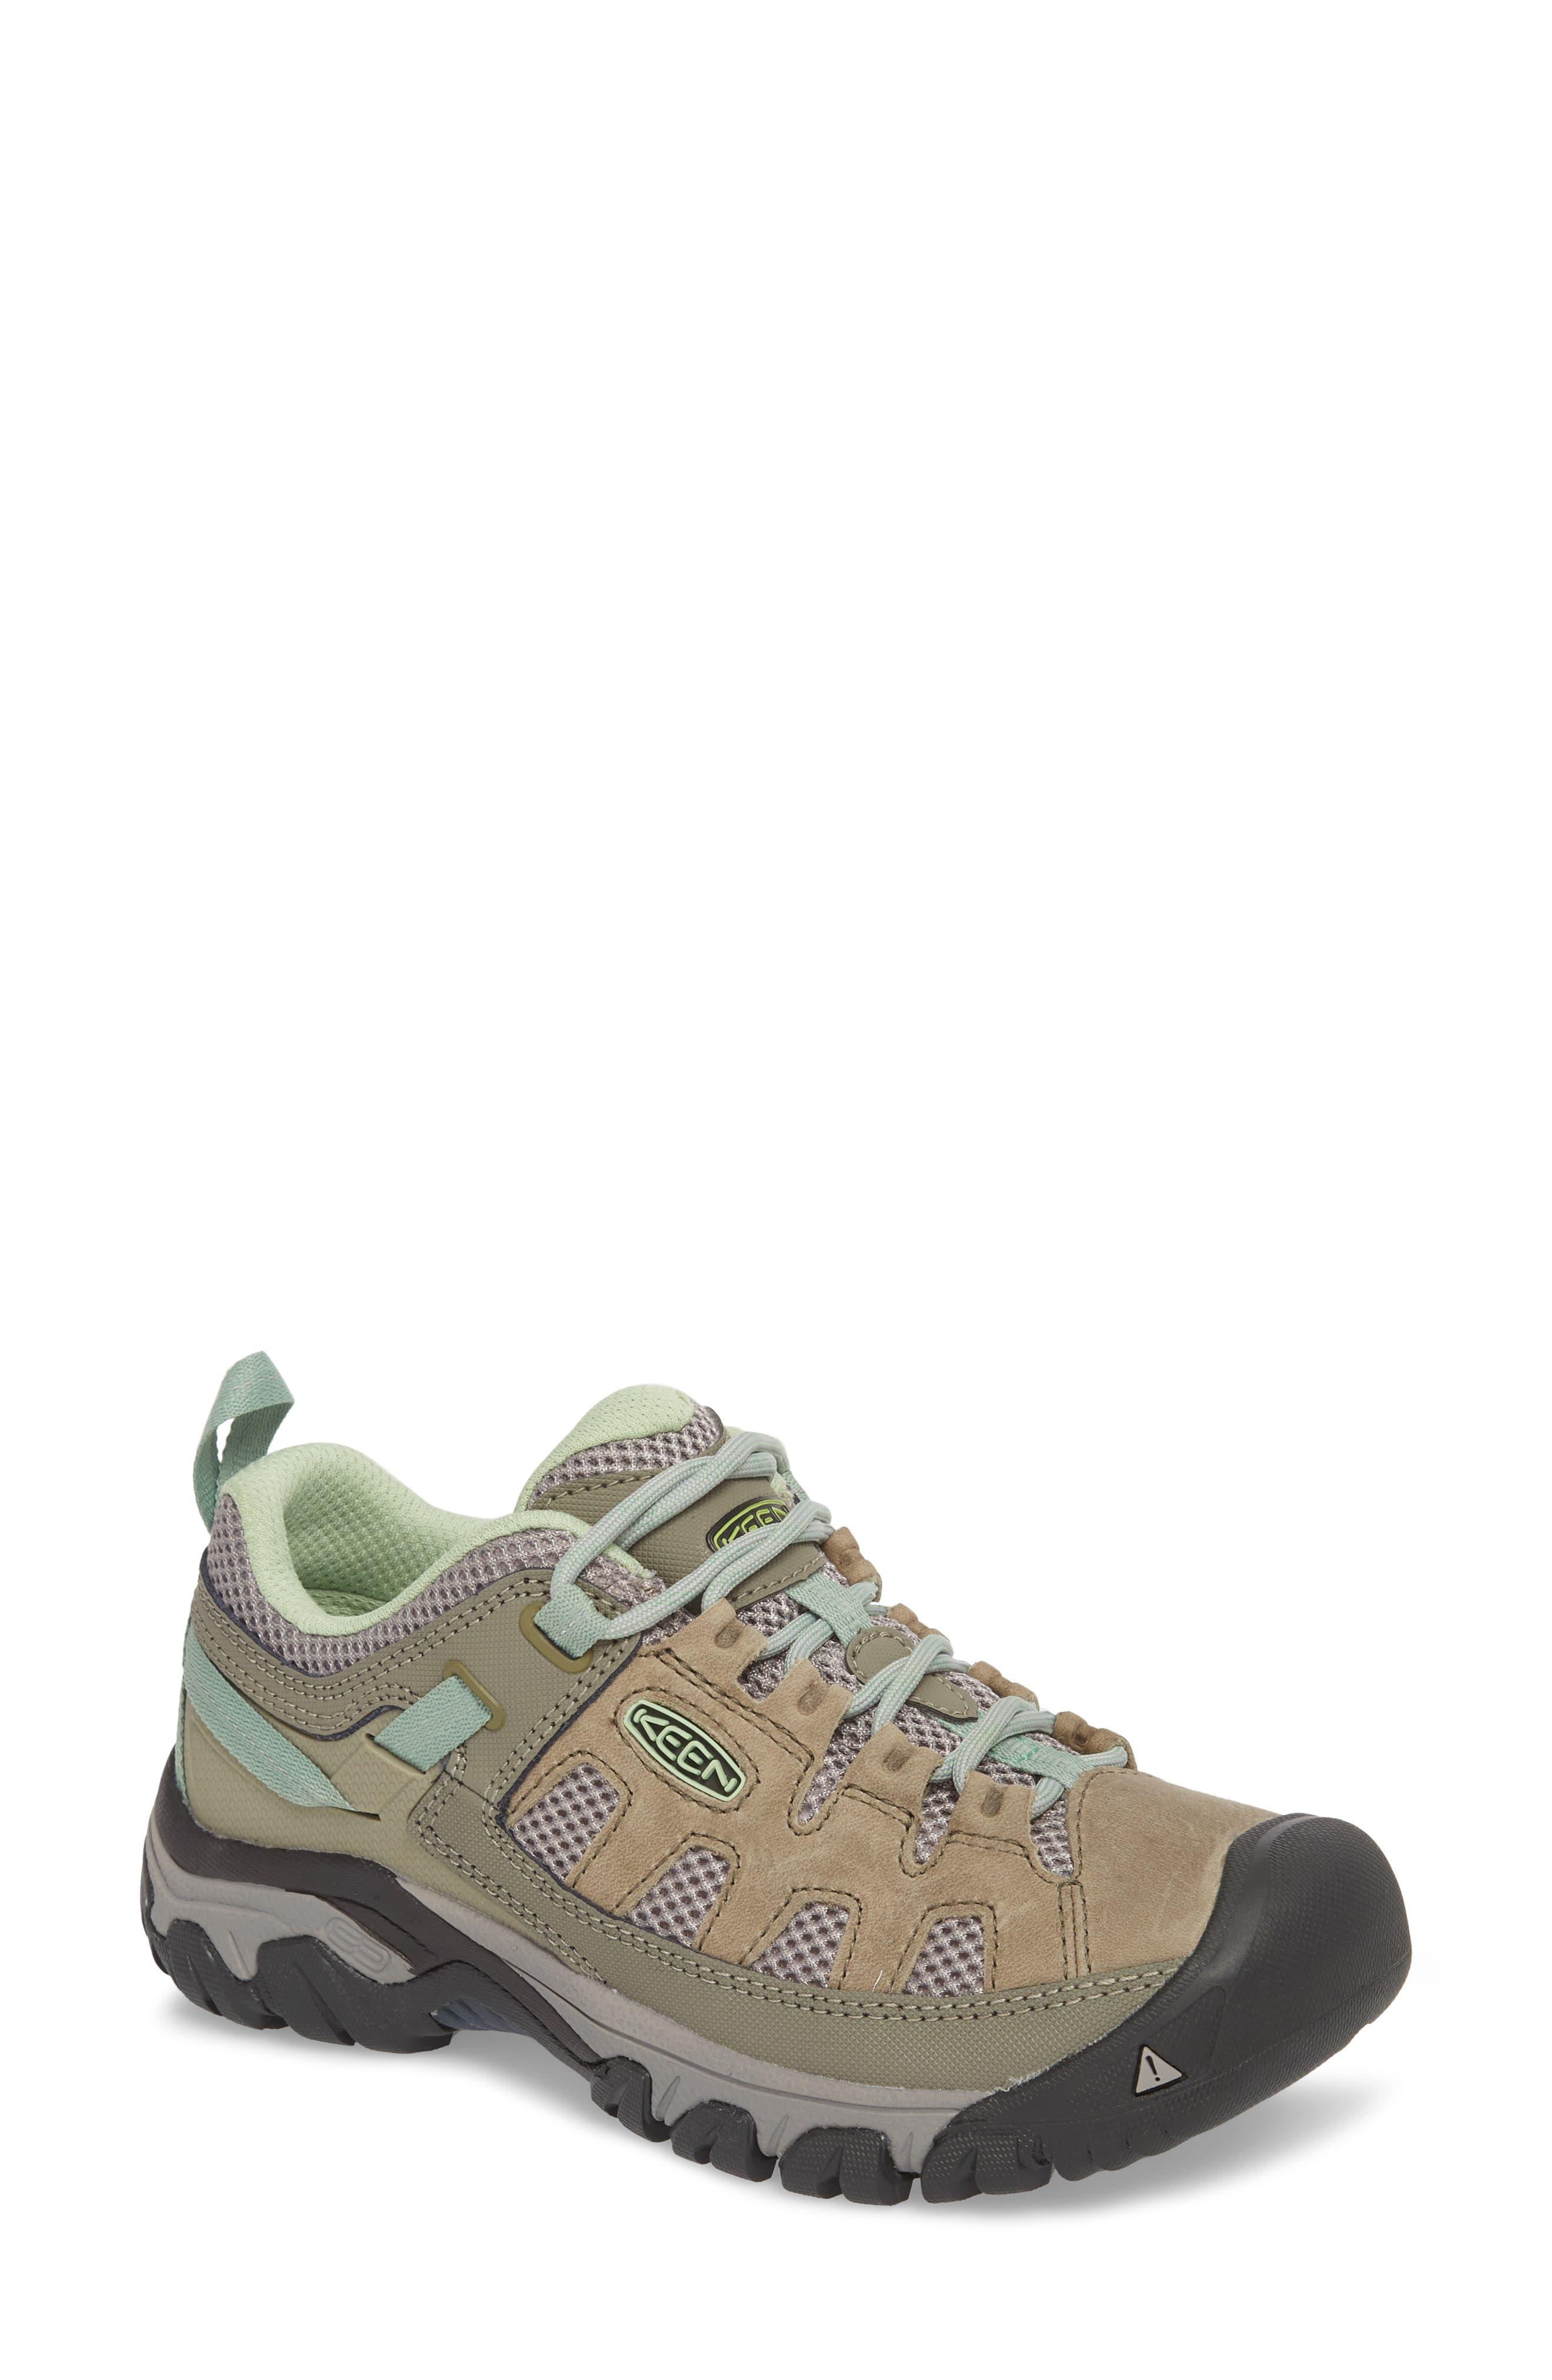 Targhee Vent Hiking Shoe,                             Main thumbnail 1, color,                             200